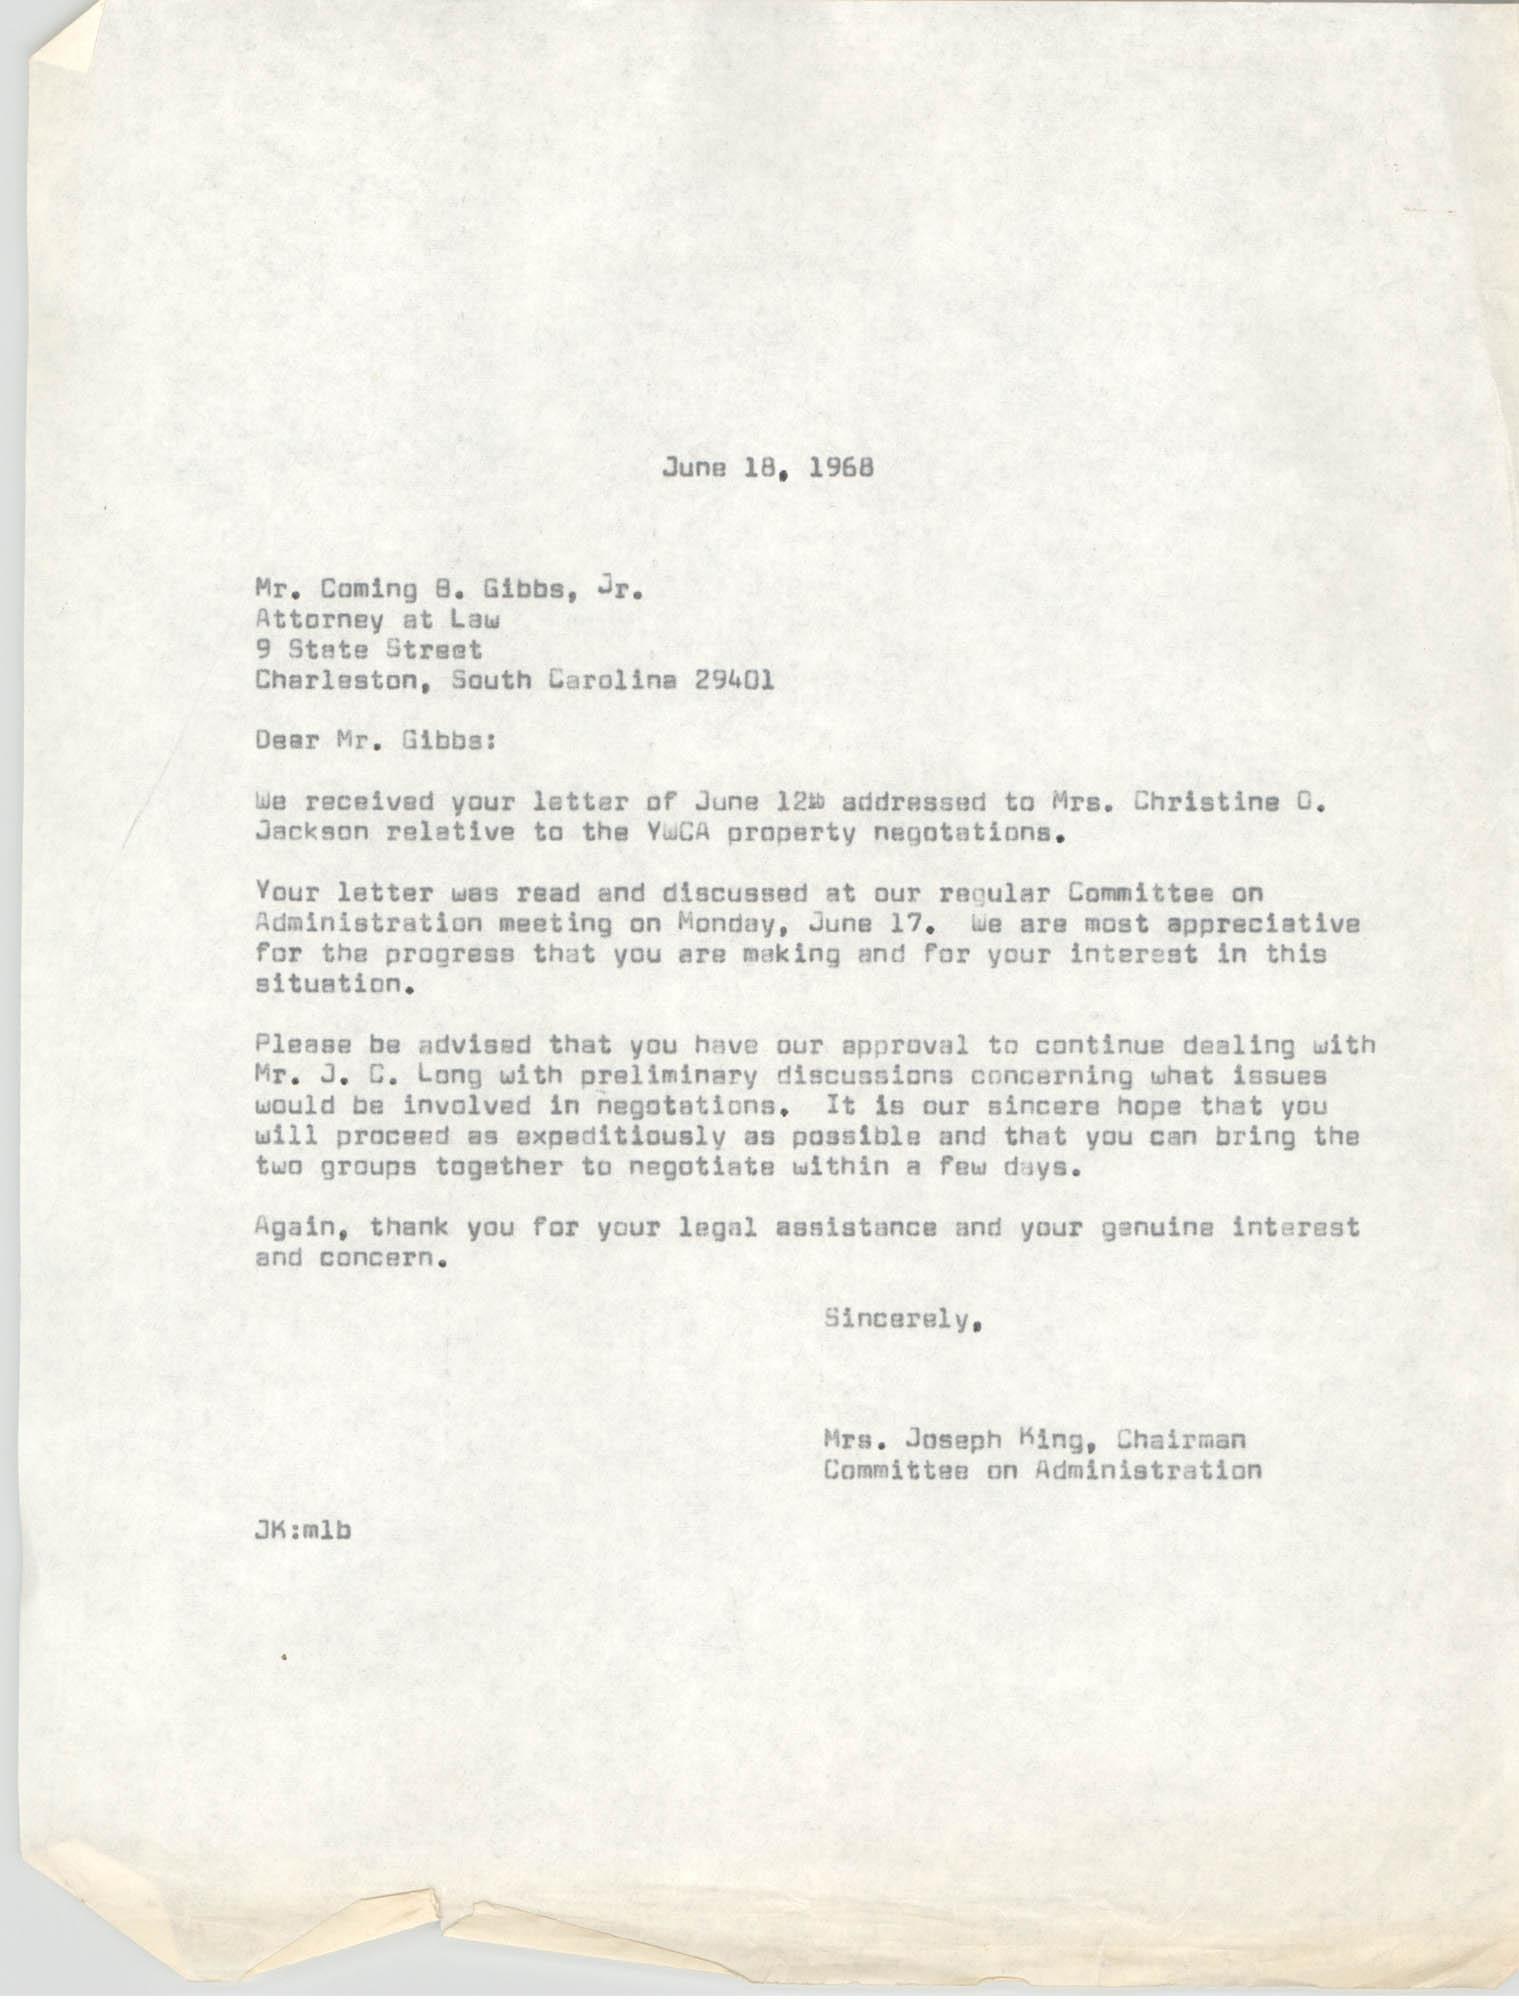 Letter from Mrs. Joseph King to Coming B. Gibbs, Jr., June 18, 1968